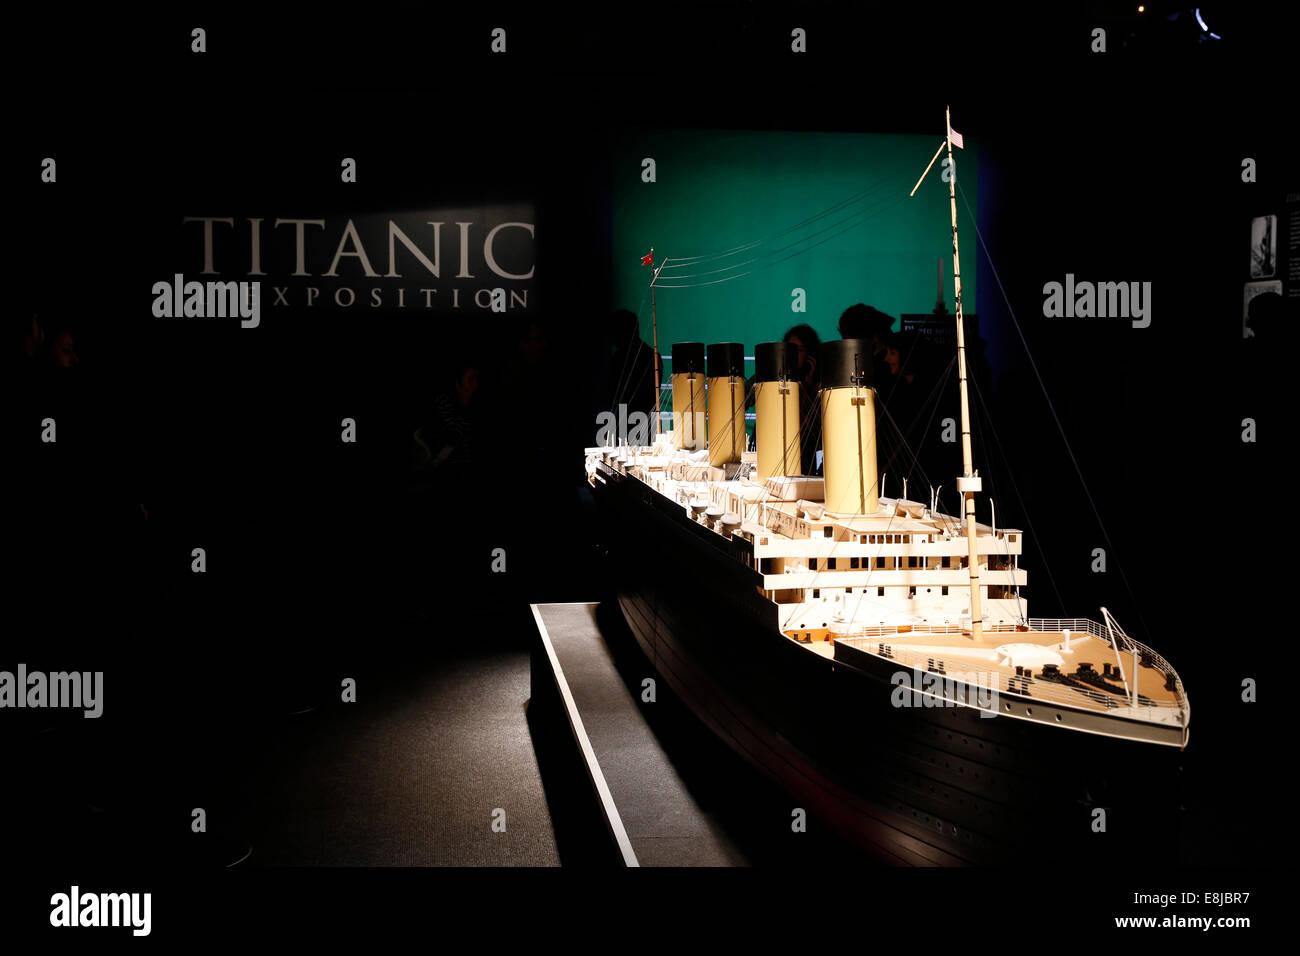 Titanic exhibition - Stock Image